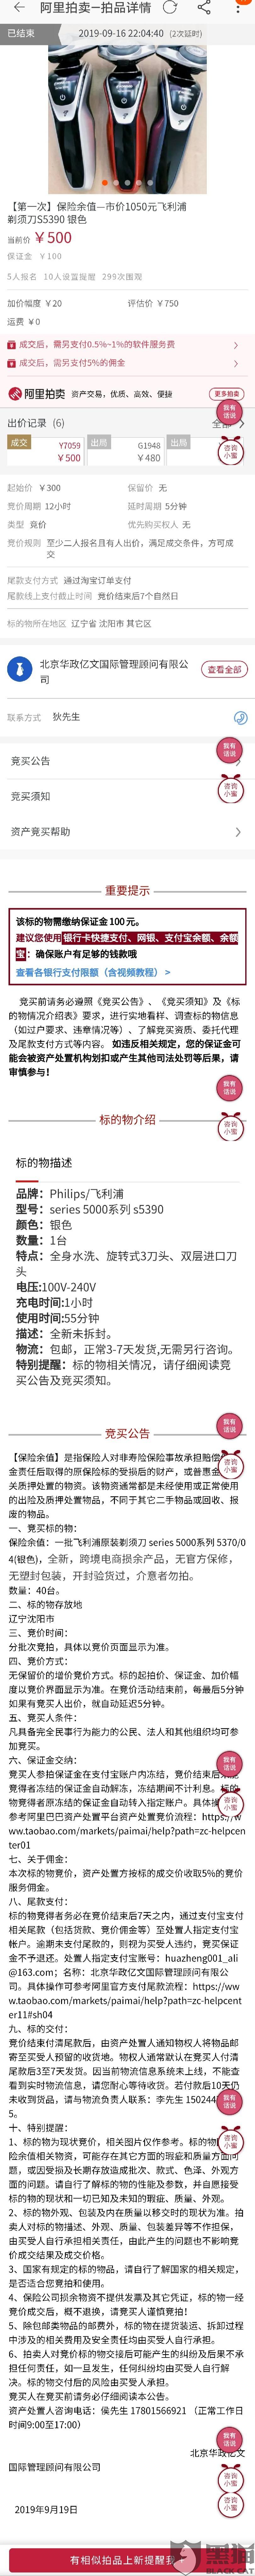 黑猫投诉:阿里拍卖北京华政艺文国际管理顾问有限公司